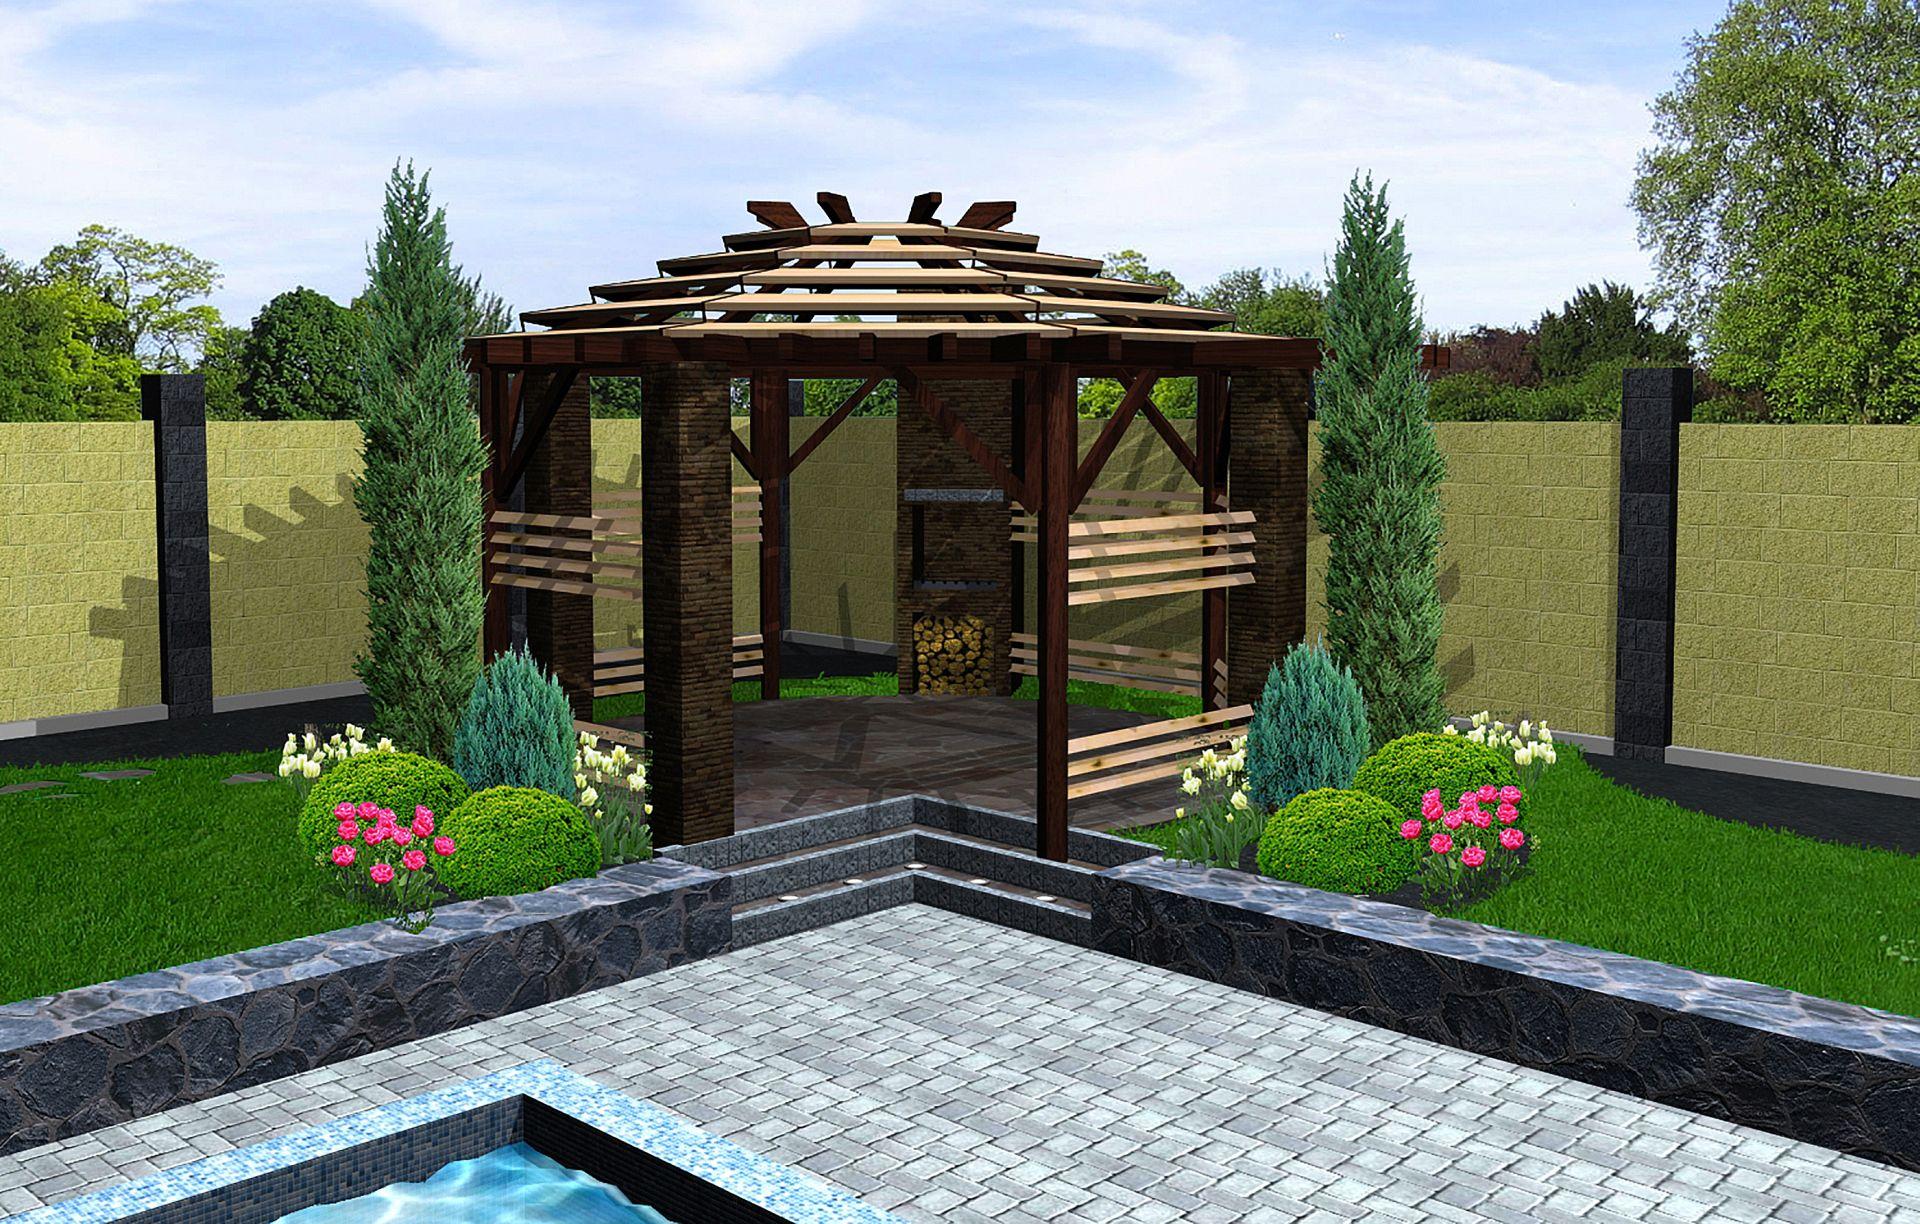 wiosna a wraz z ni porz dki i przygotowanie architektury ogrodowej budowlancy londyn. Black Bedroom Furniture Sets. Home Design Ideas